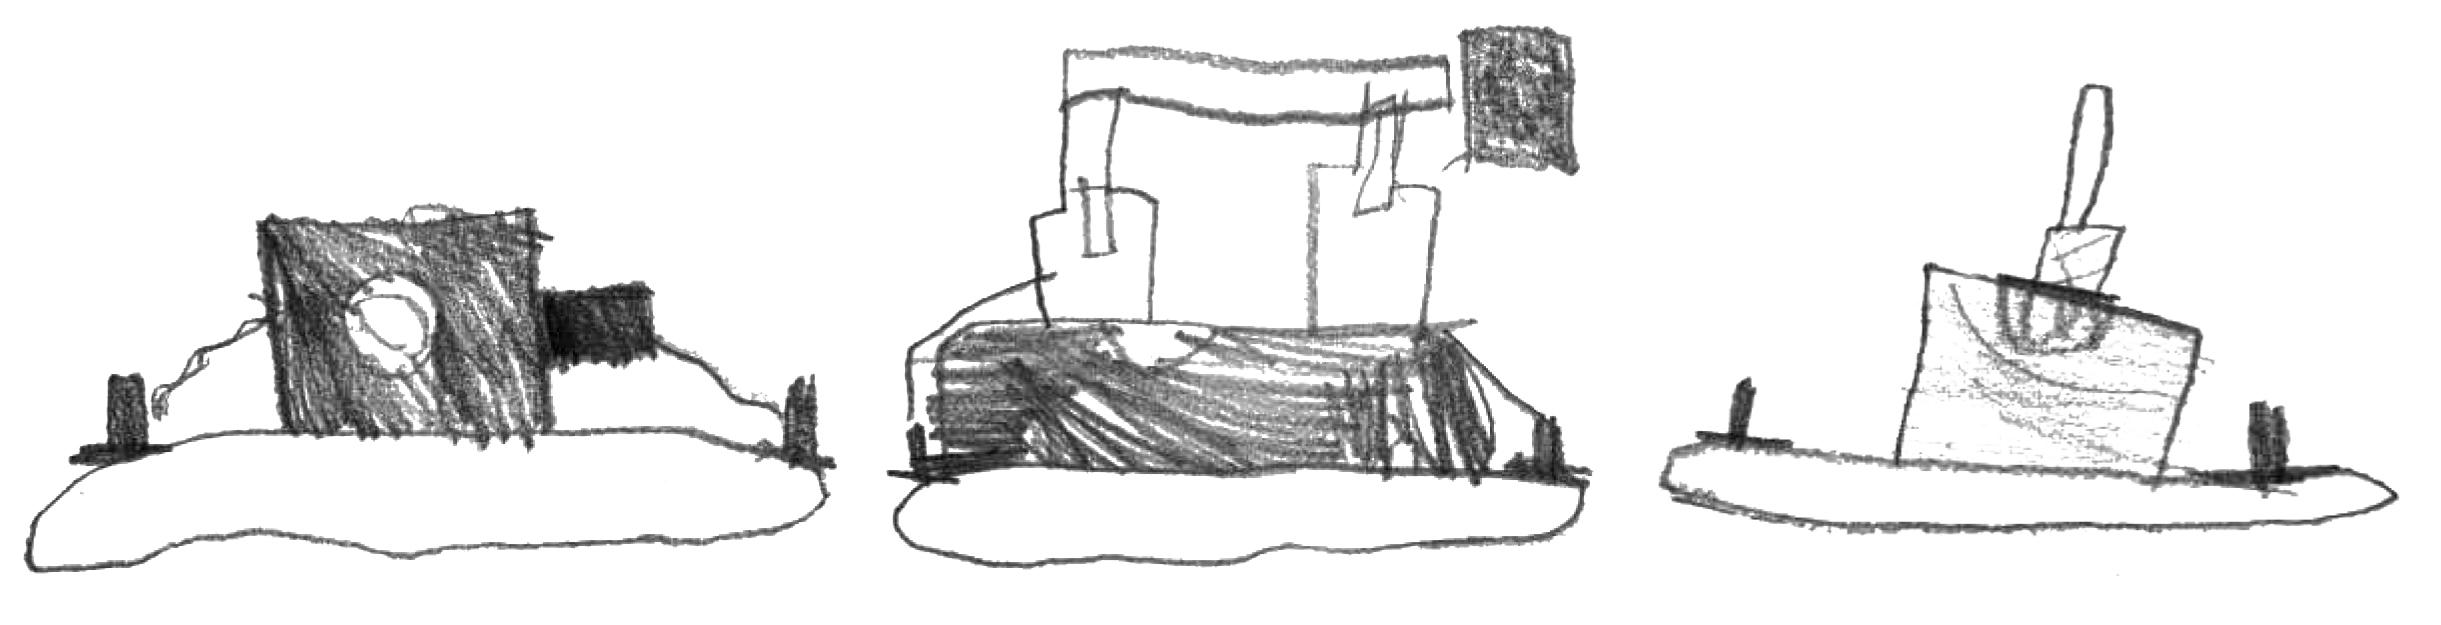 switchesSketch.jpg